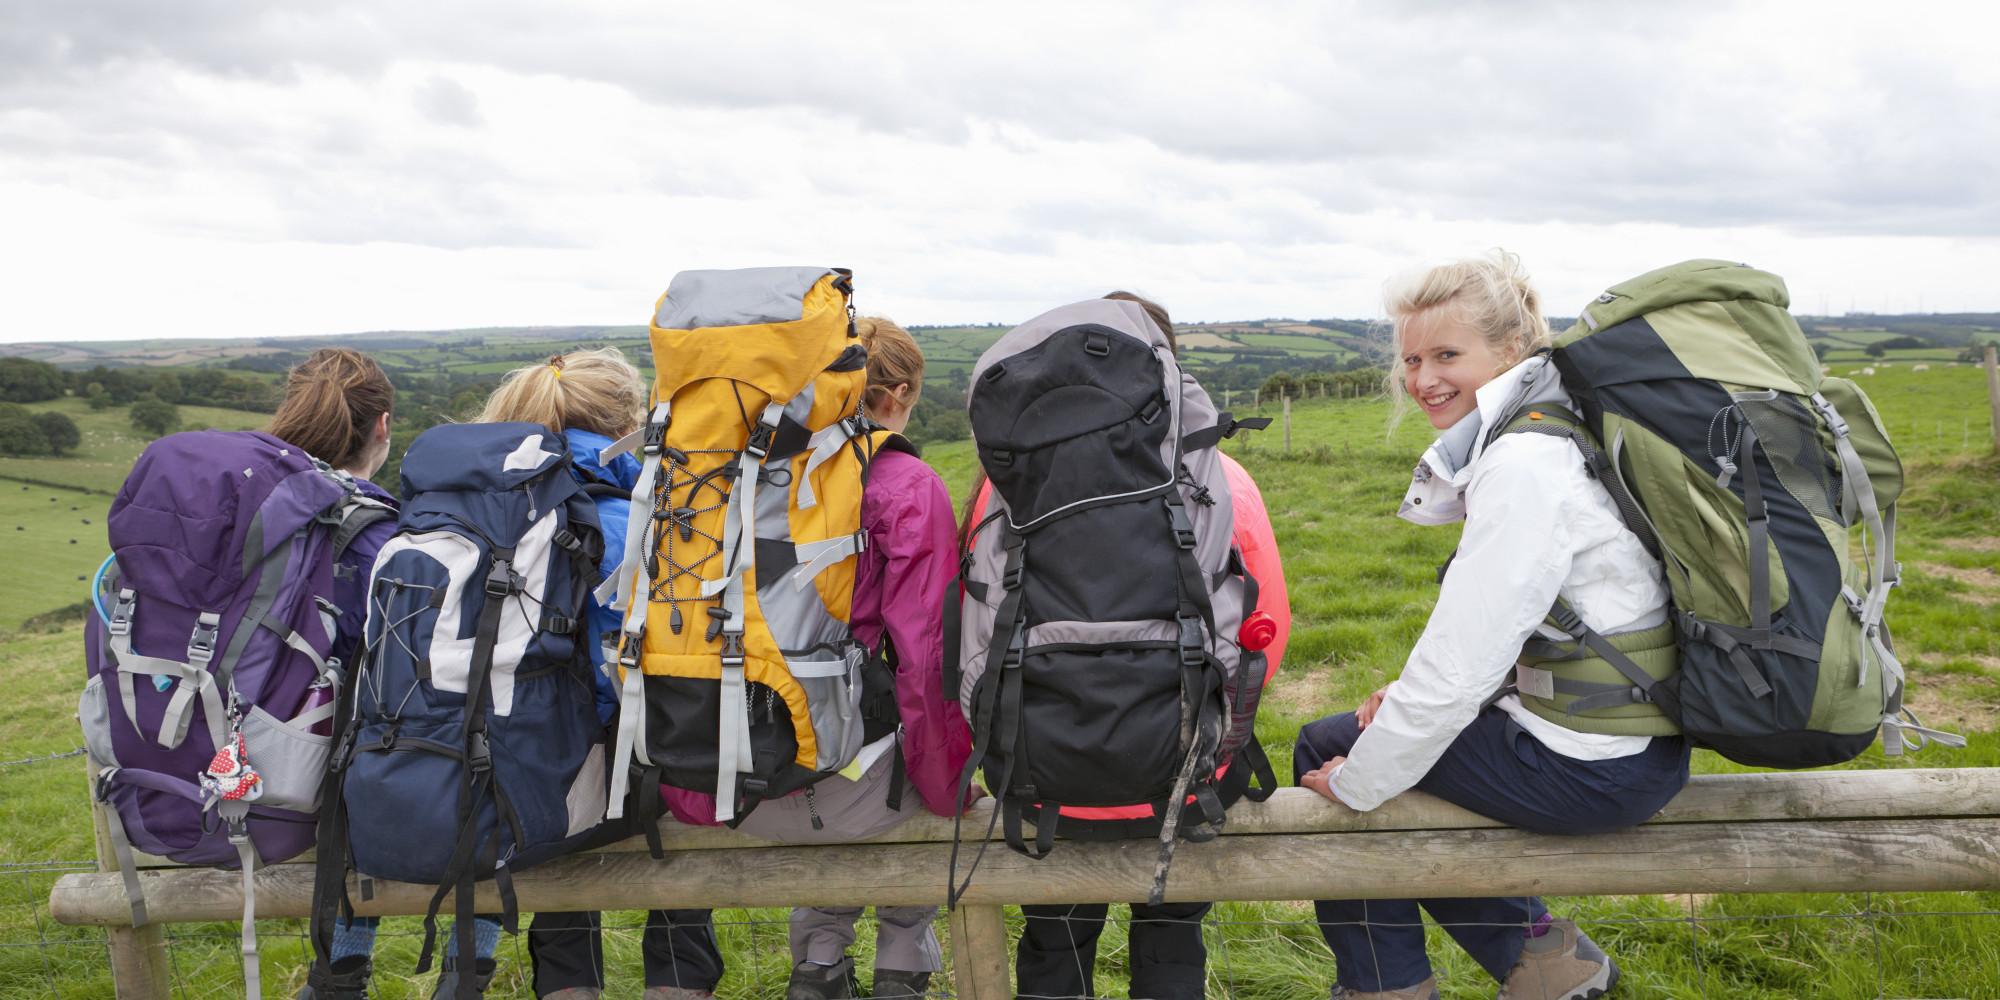 Mochilas para trekking, como escolher!